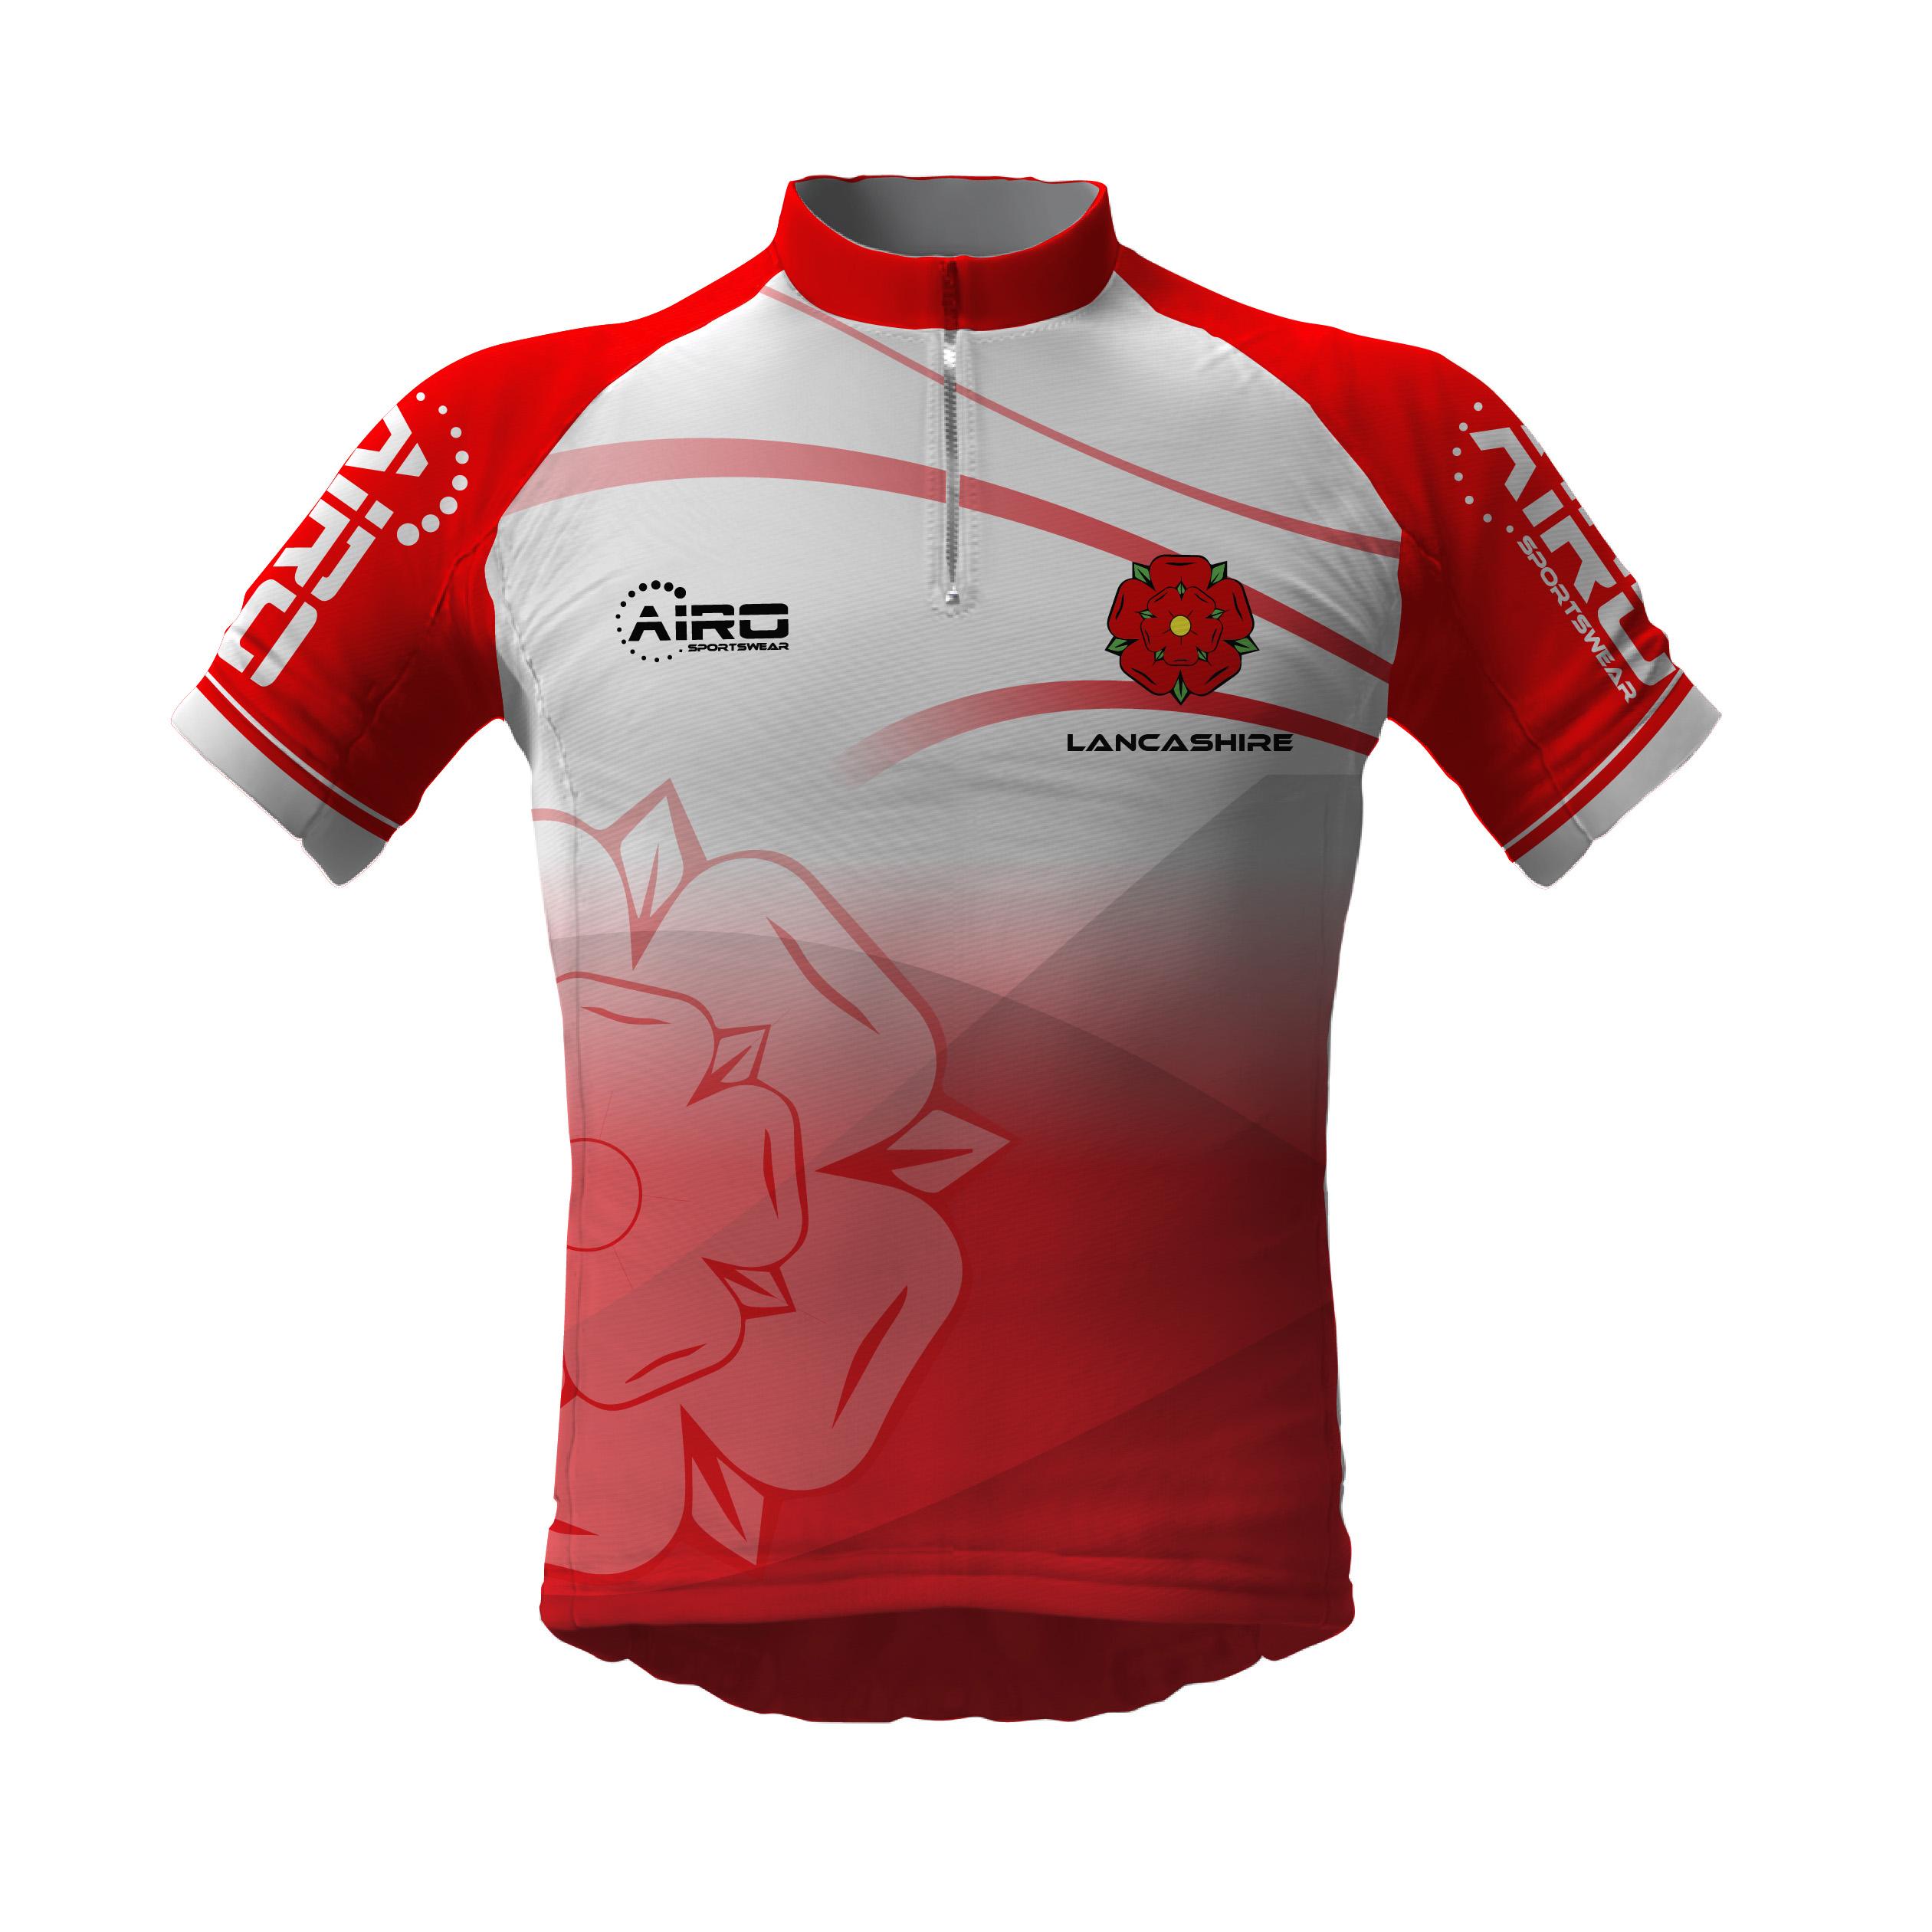 Image of Airosportswear Lancashire Cycling Jersey